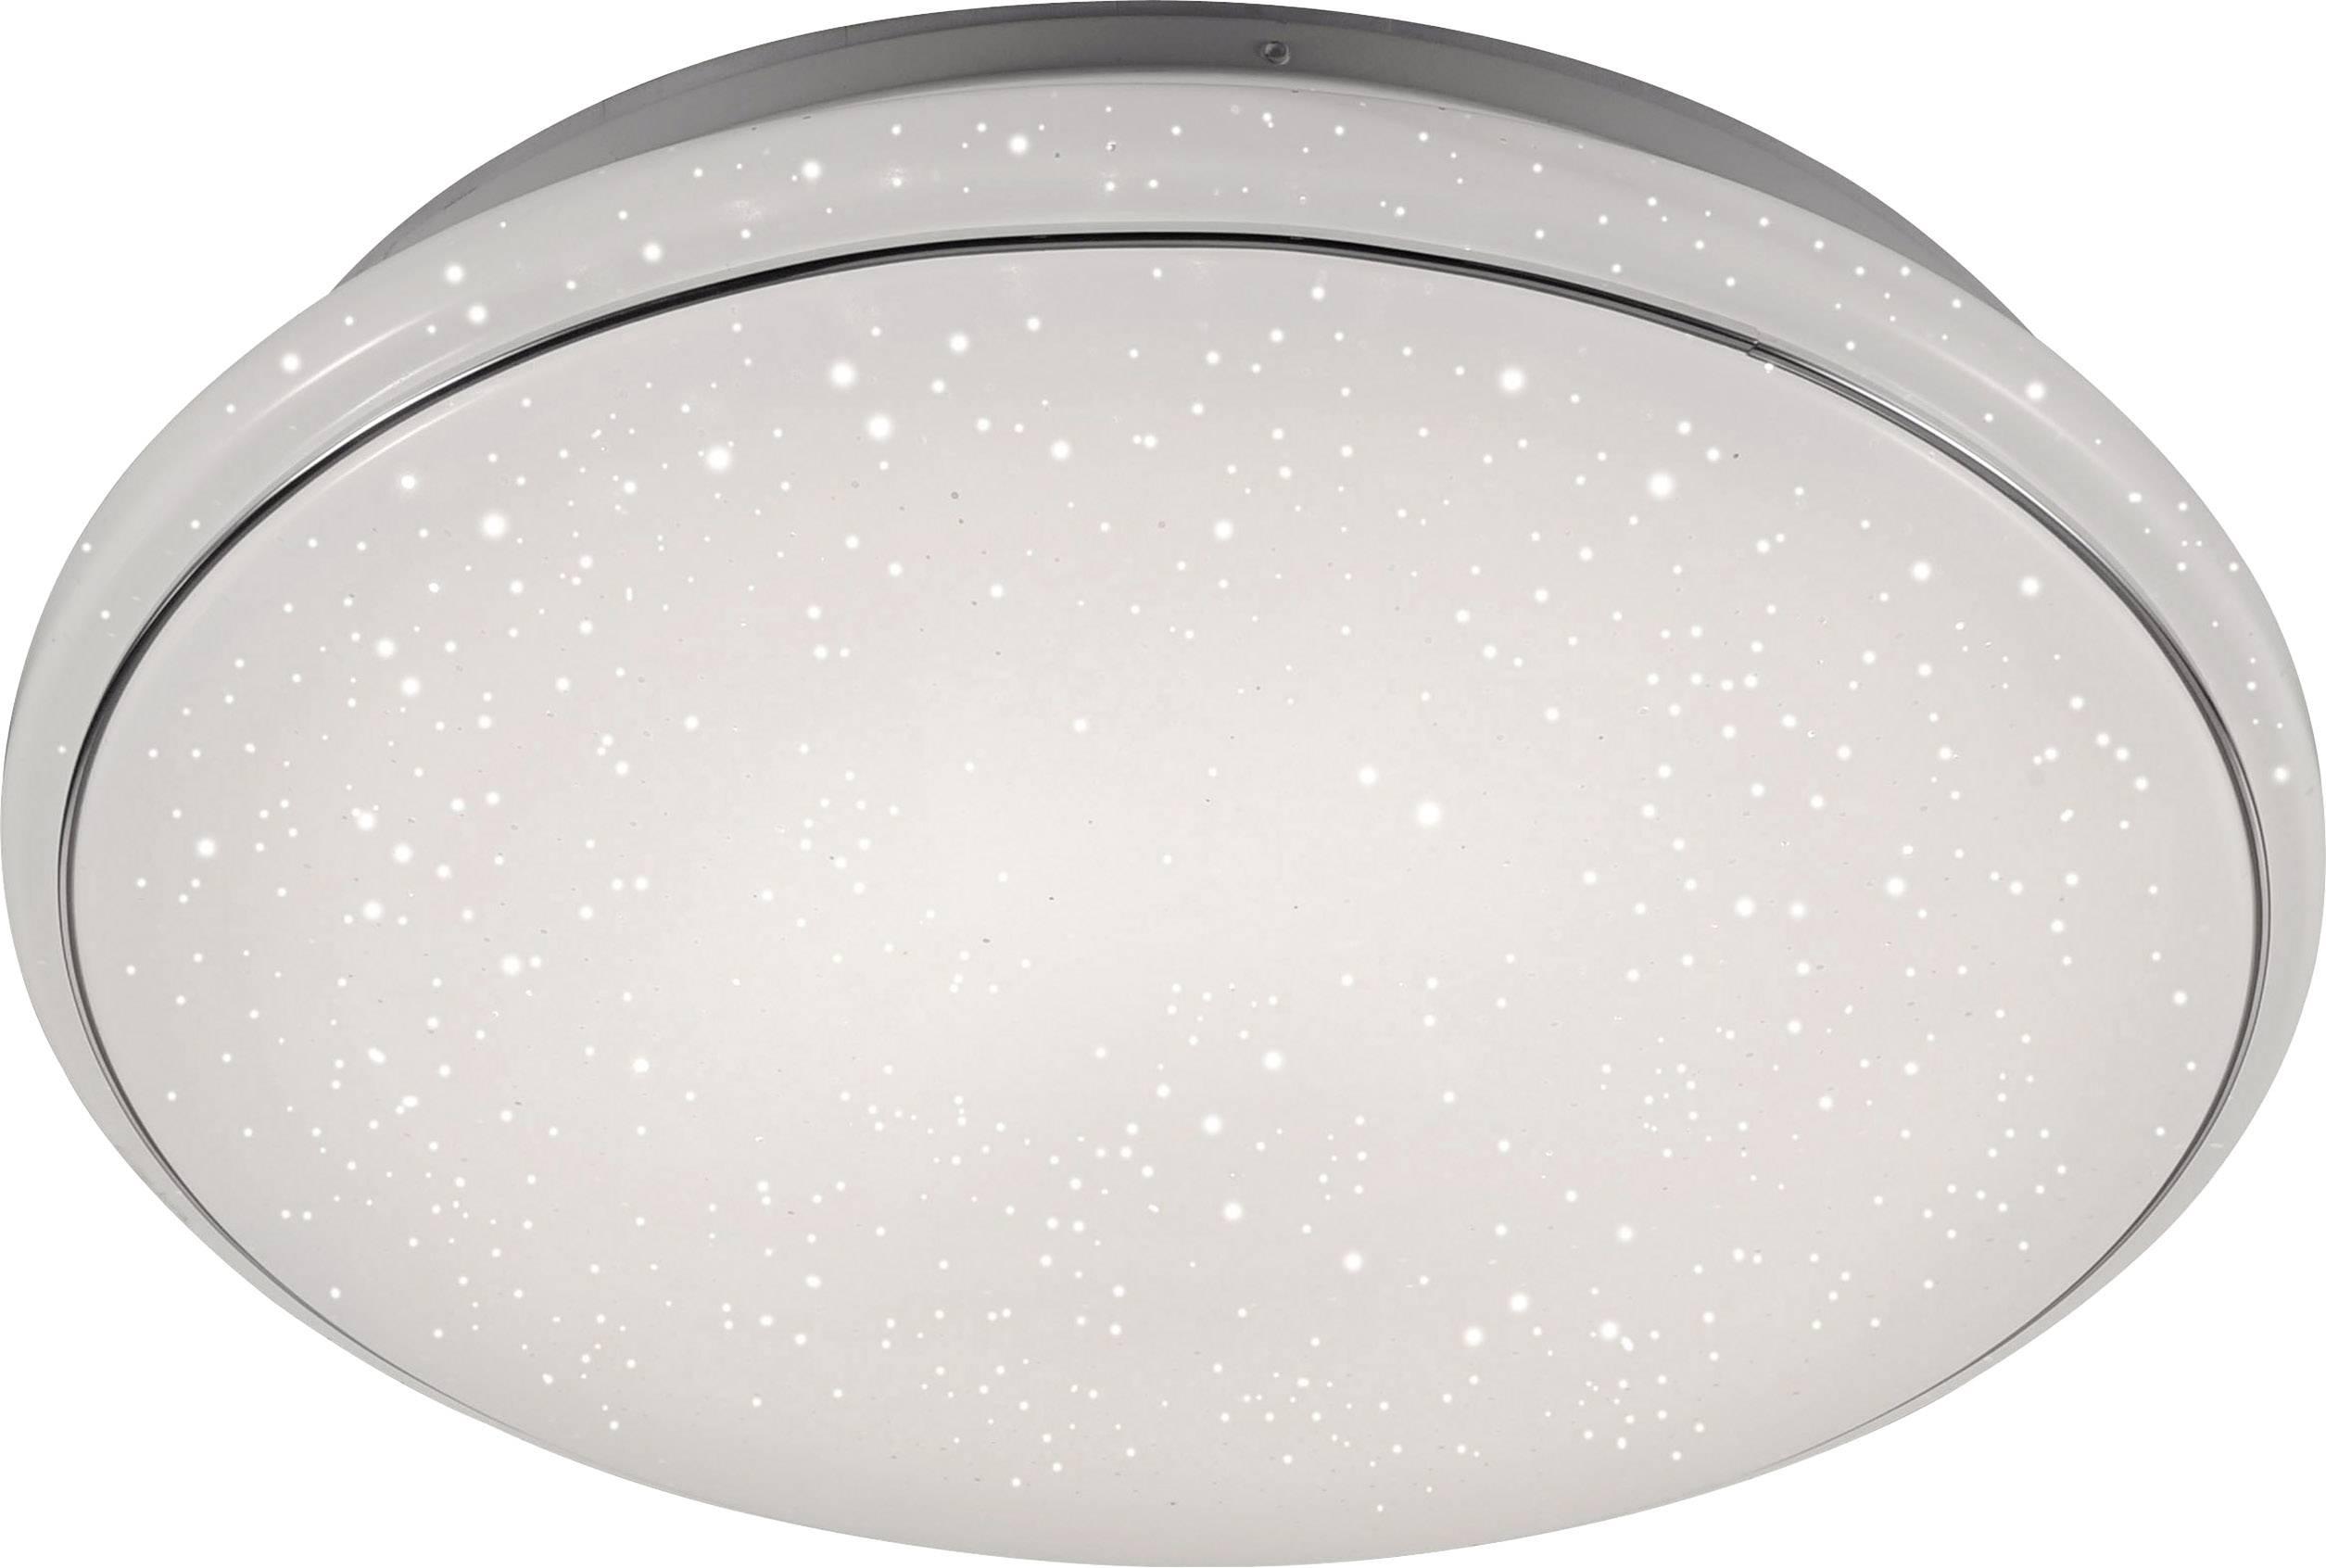 LeuchtenDirekt Jupiter 14364 16 LED Deckenleuchte 32 W Warm Weiß, Neutral Weiß Weiß